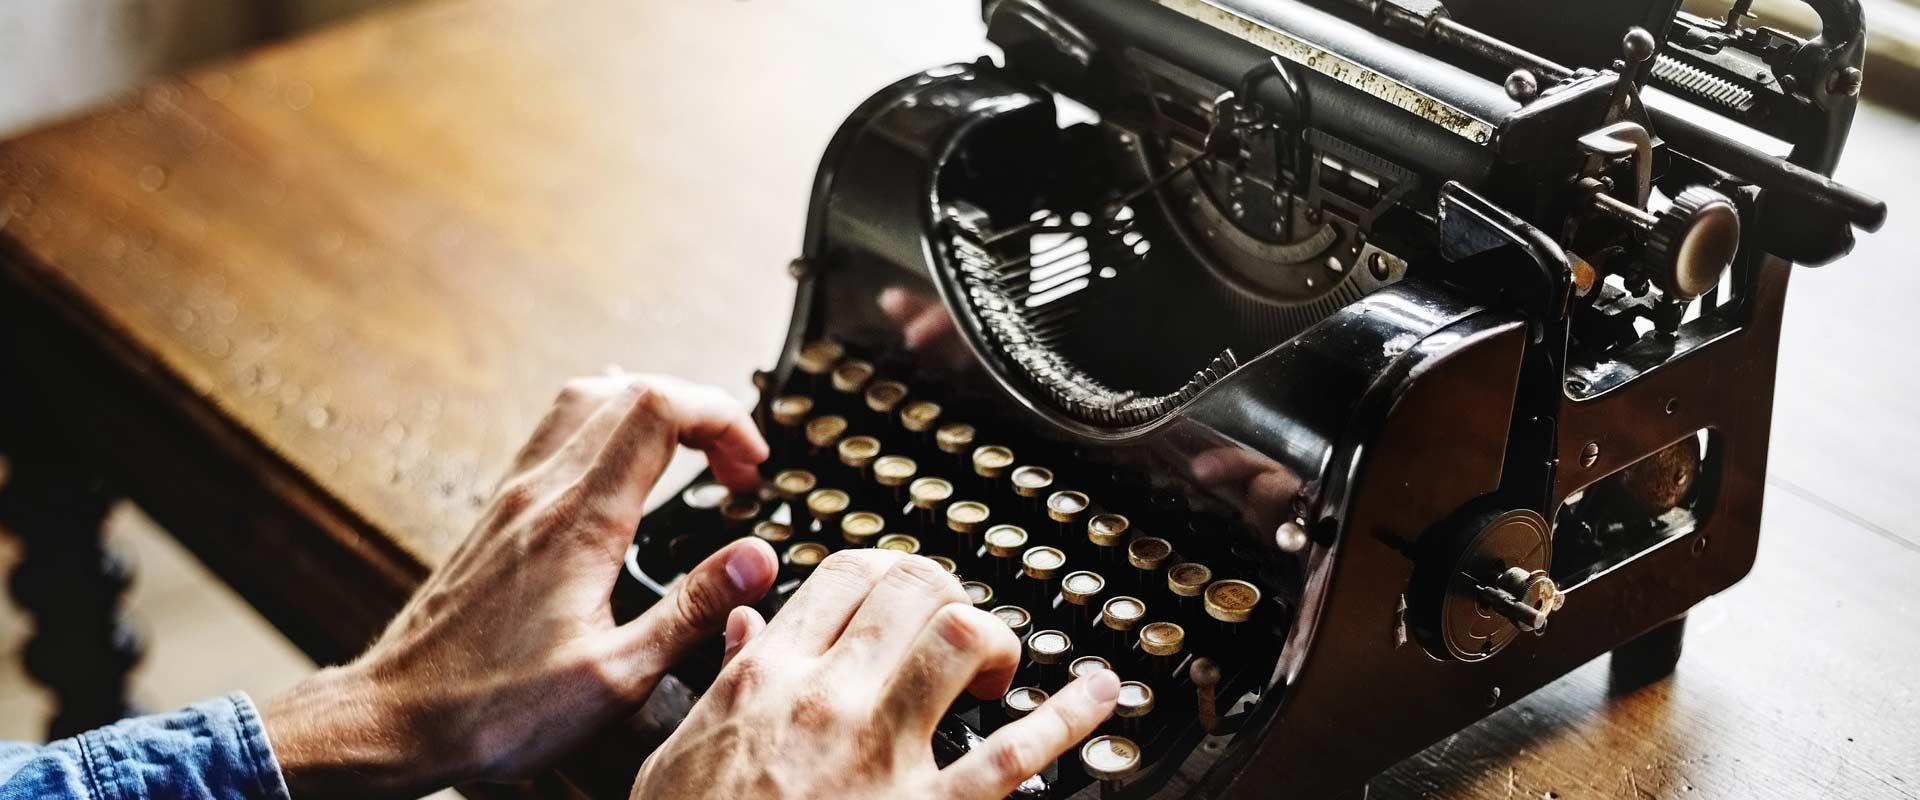 Der Schreibmaschinen Doktor